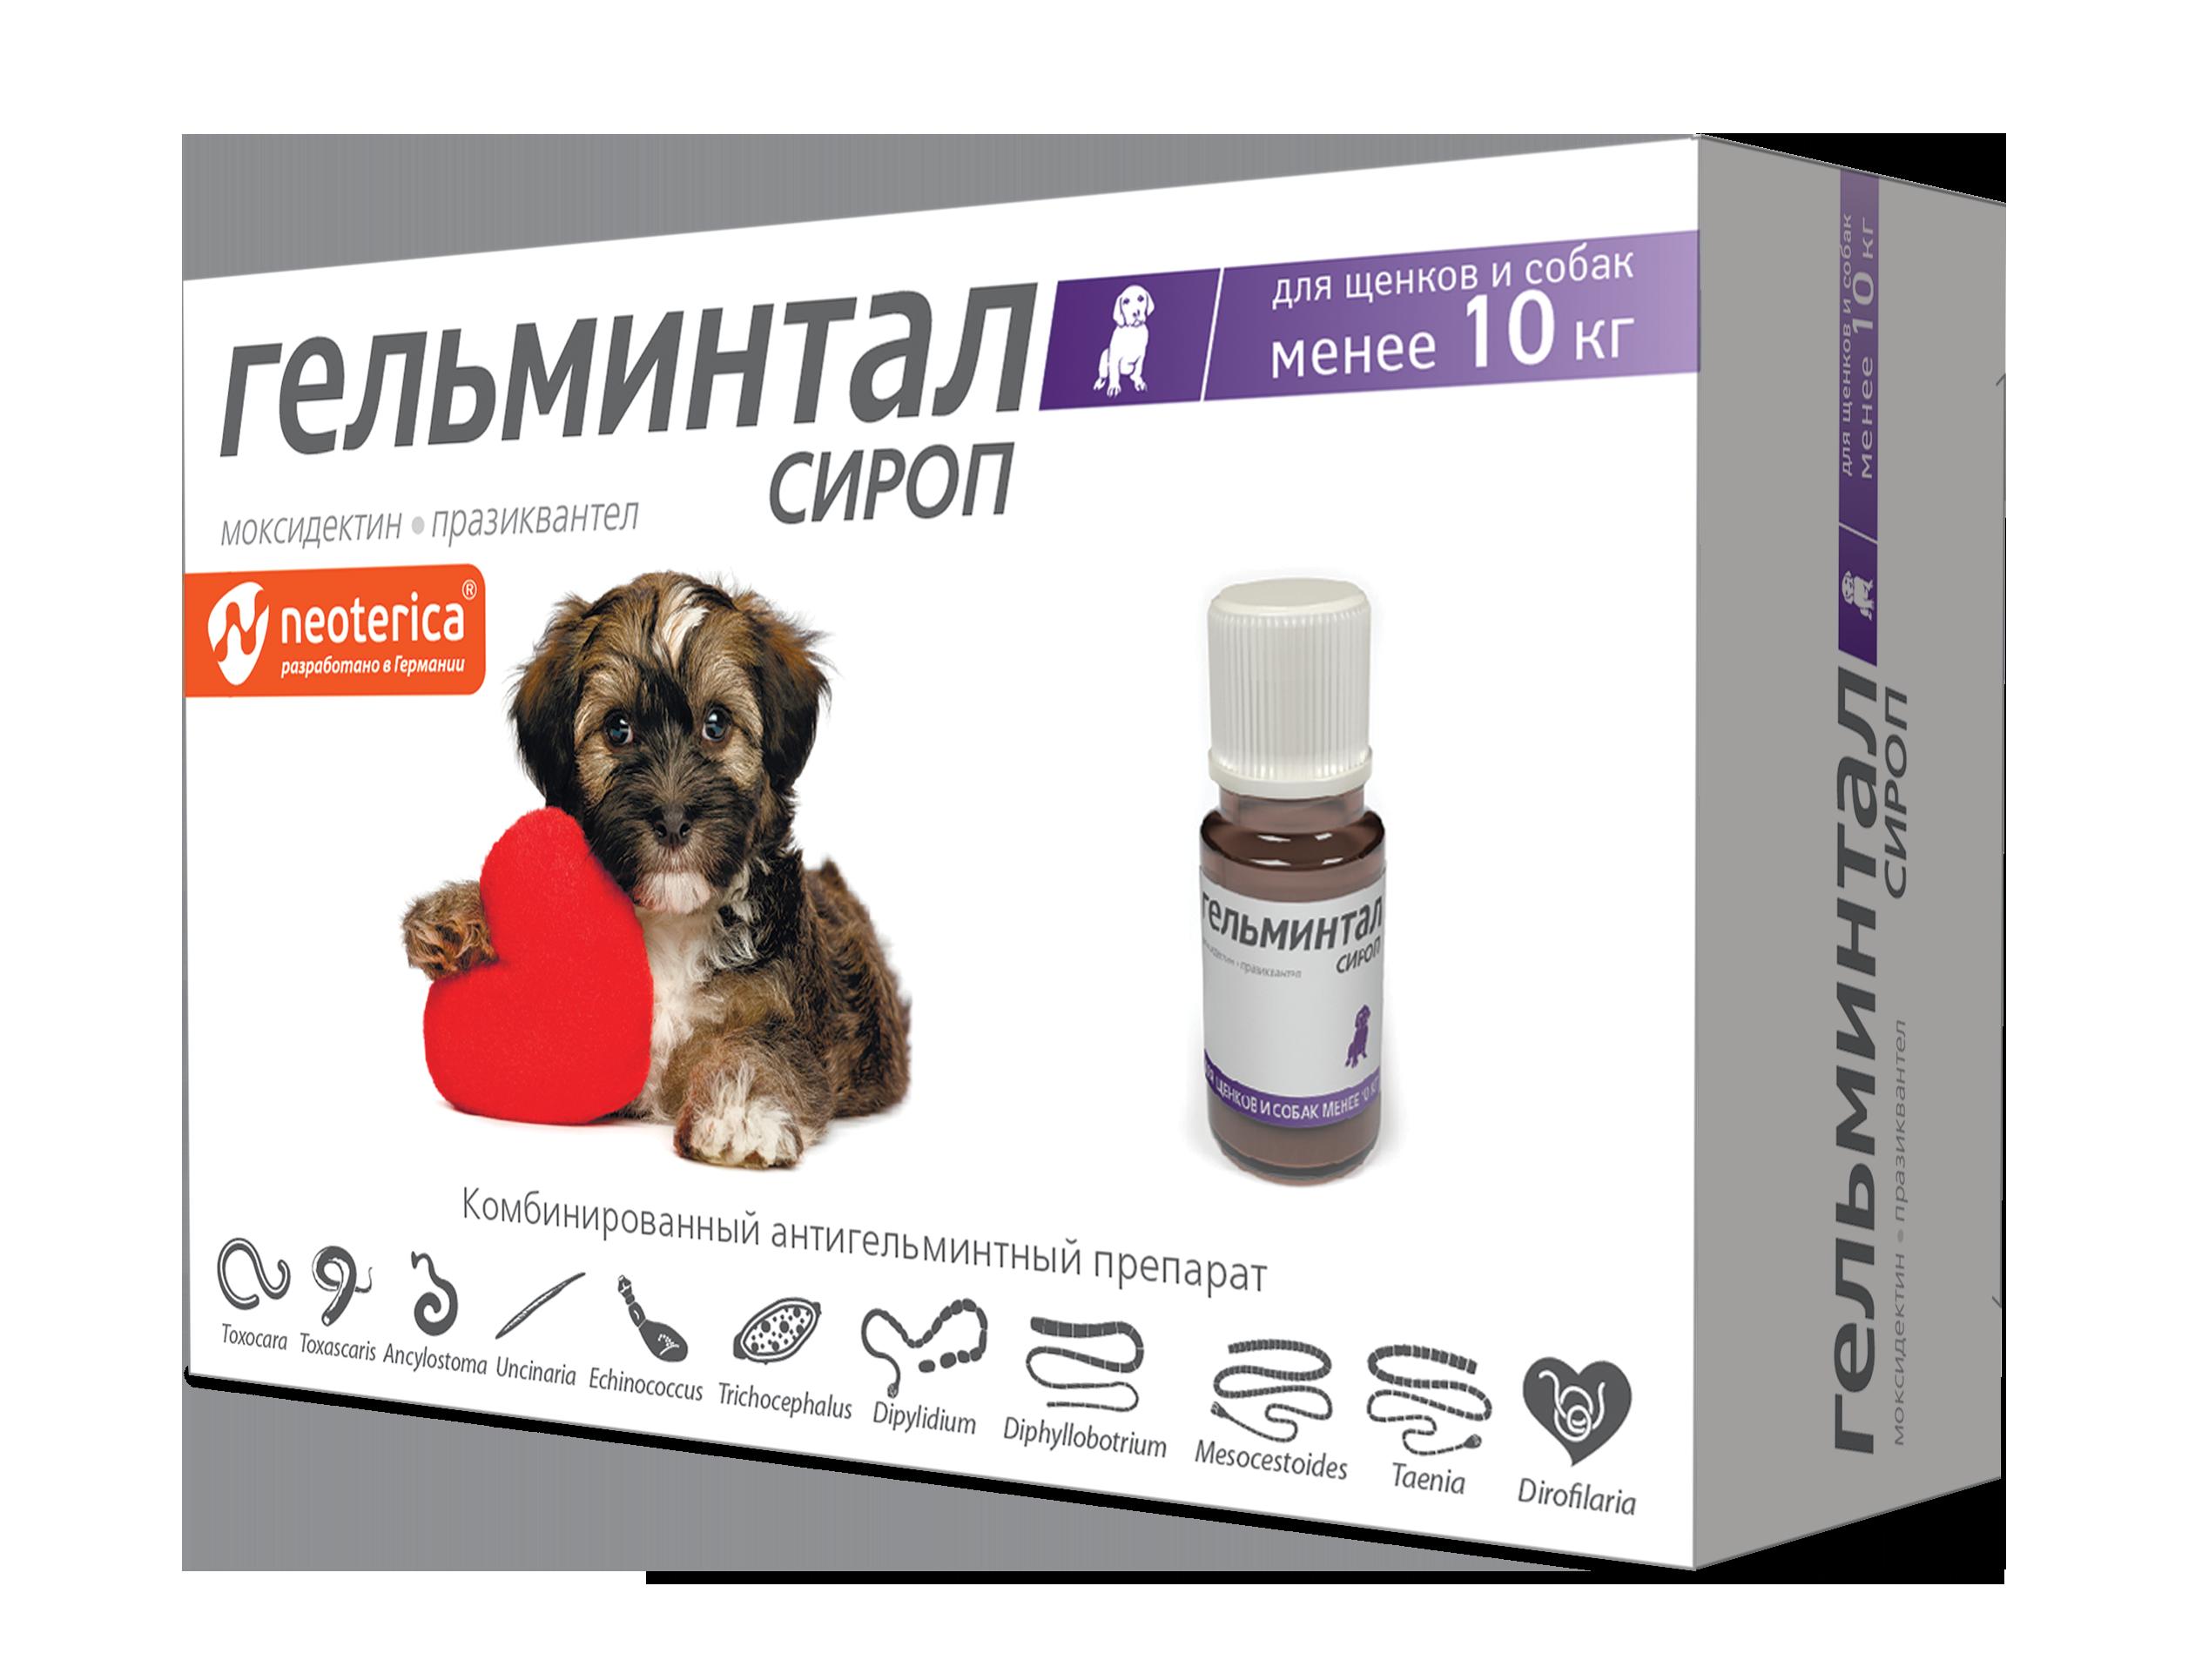 Сироп Гельминтал для щенков и собак менее 10 кг